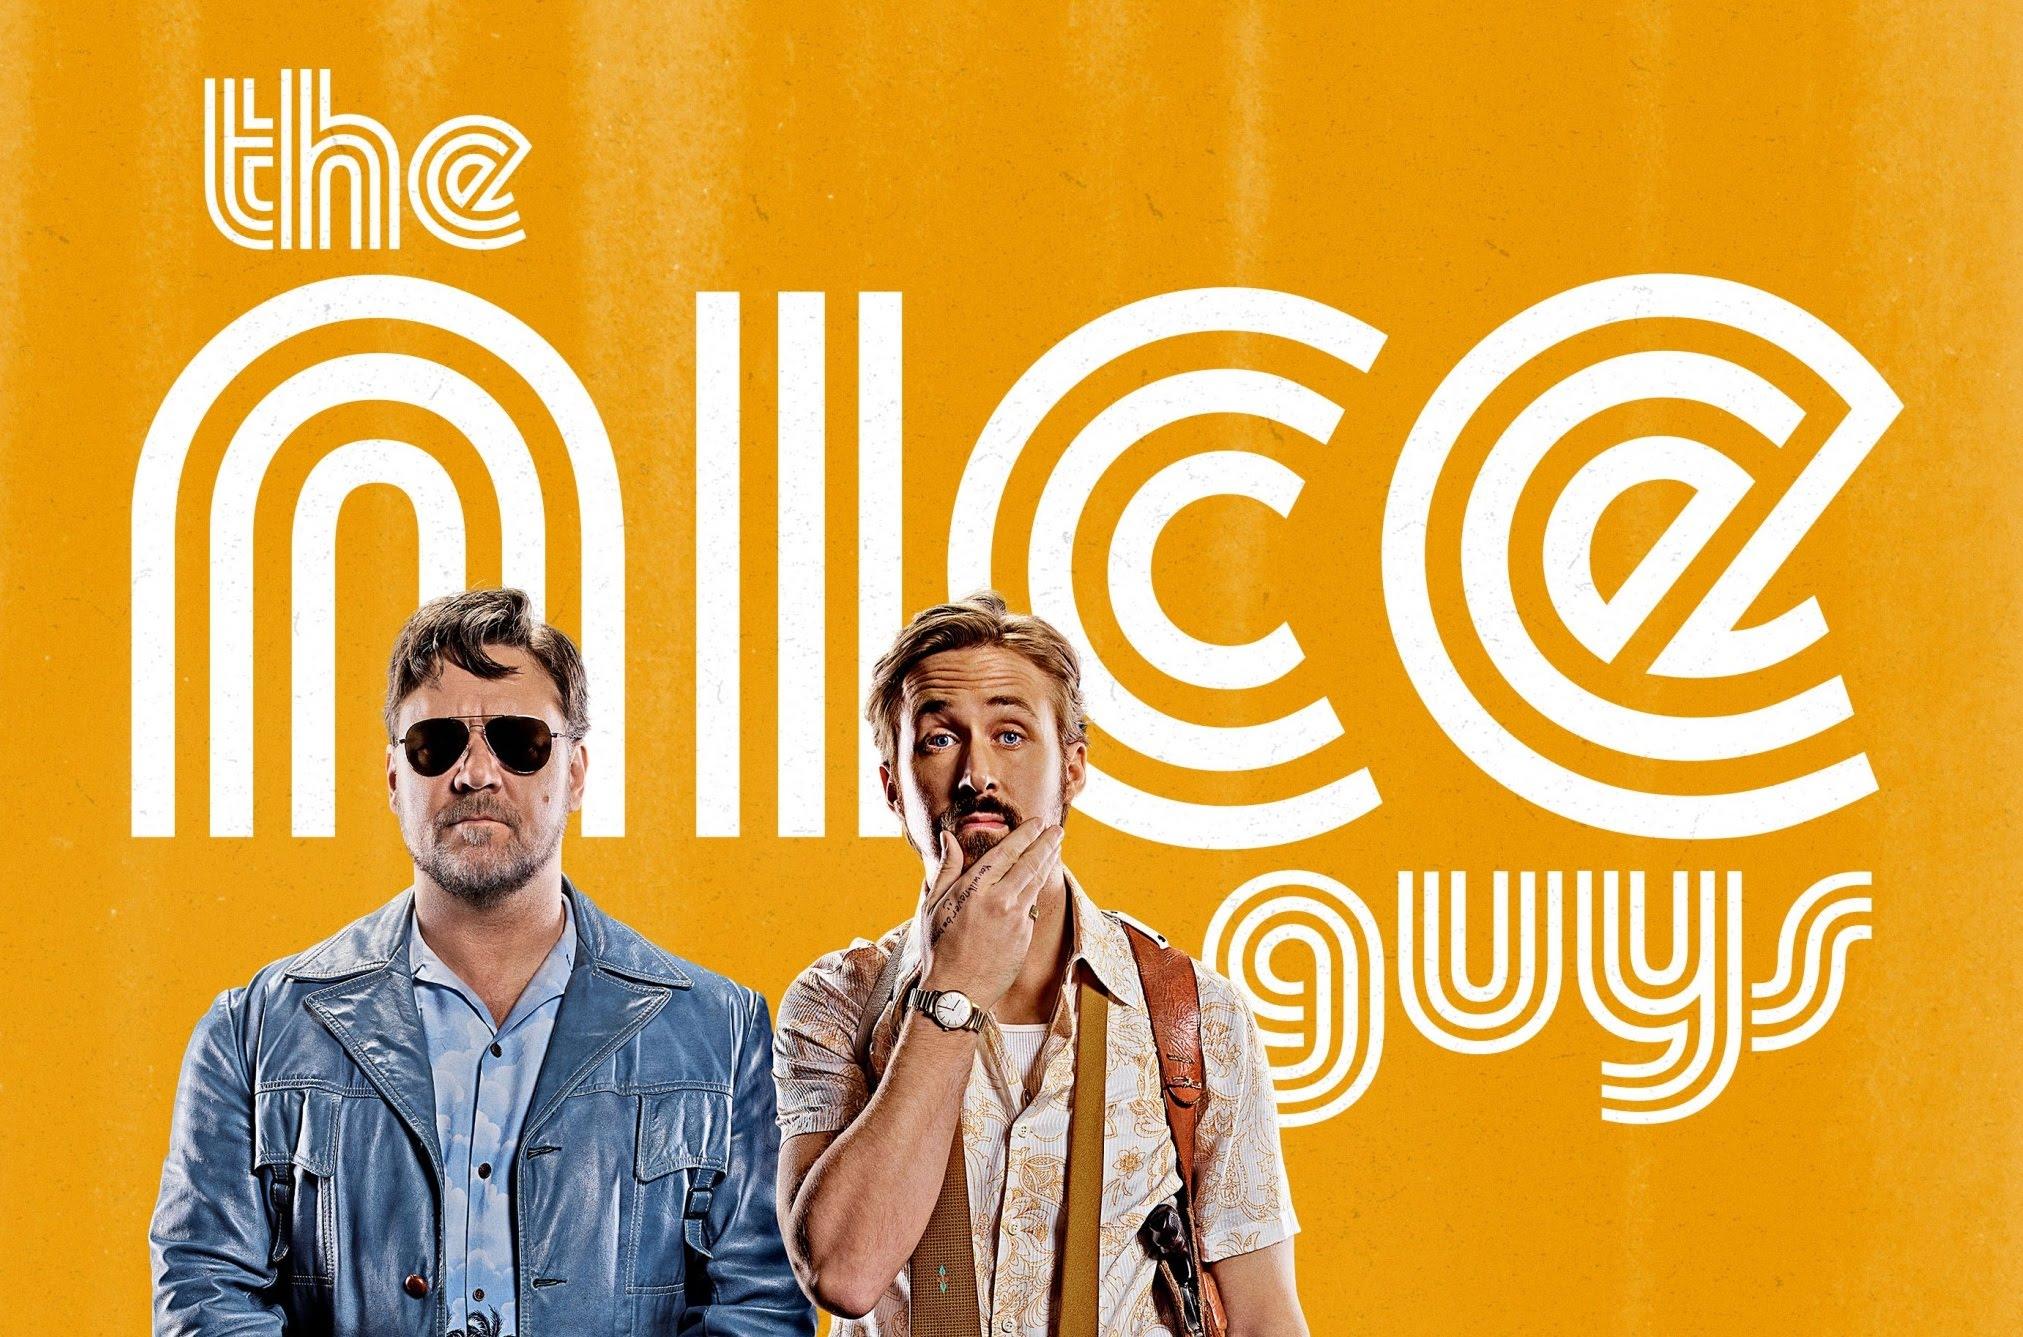 the_nice_guys-1.jpg